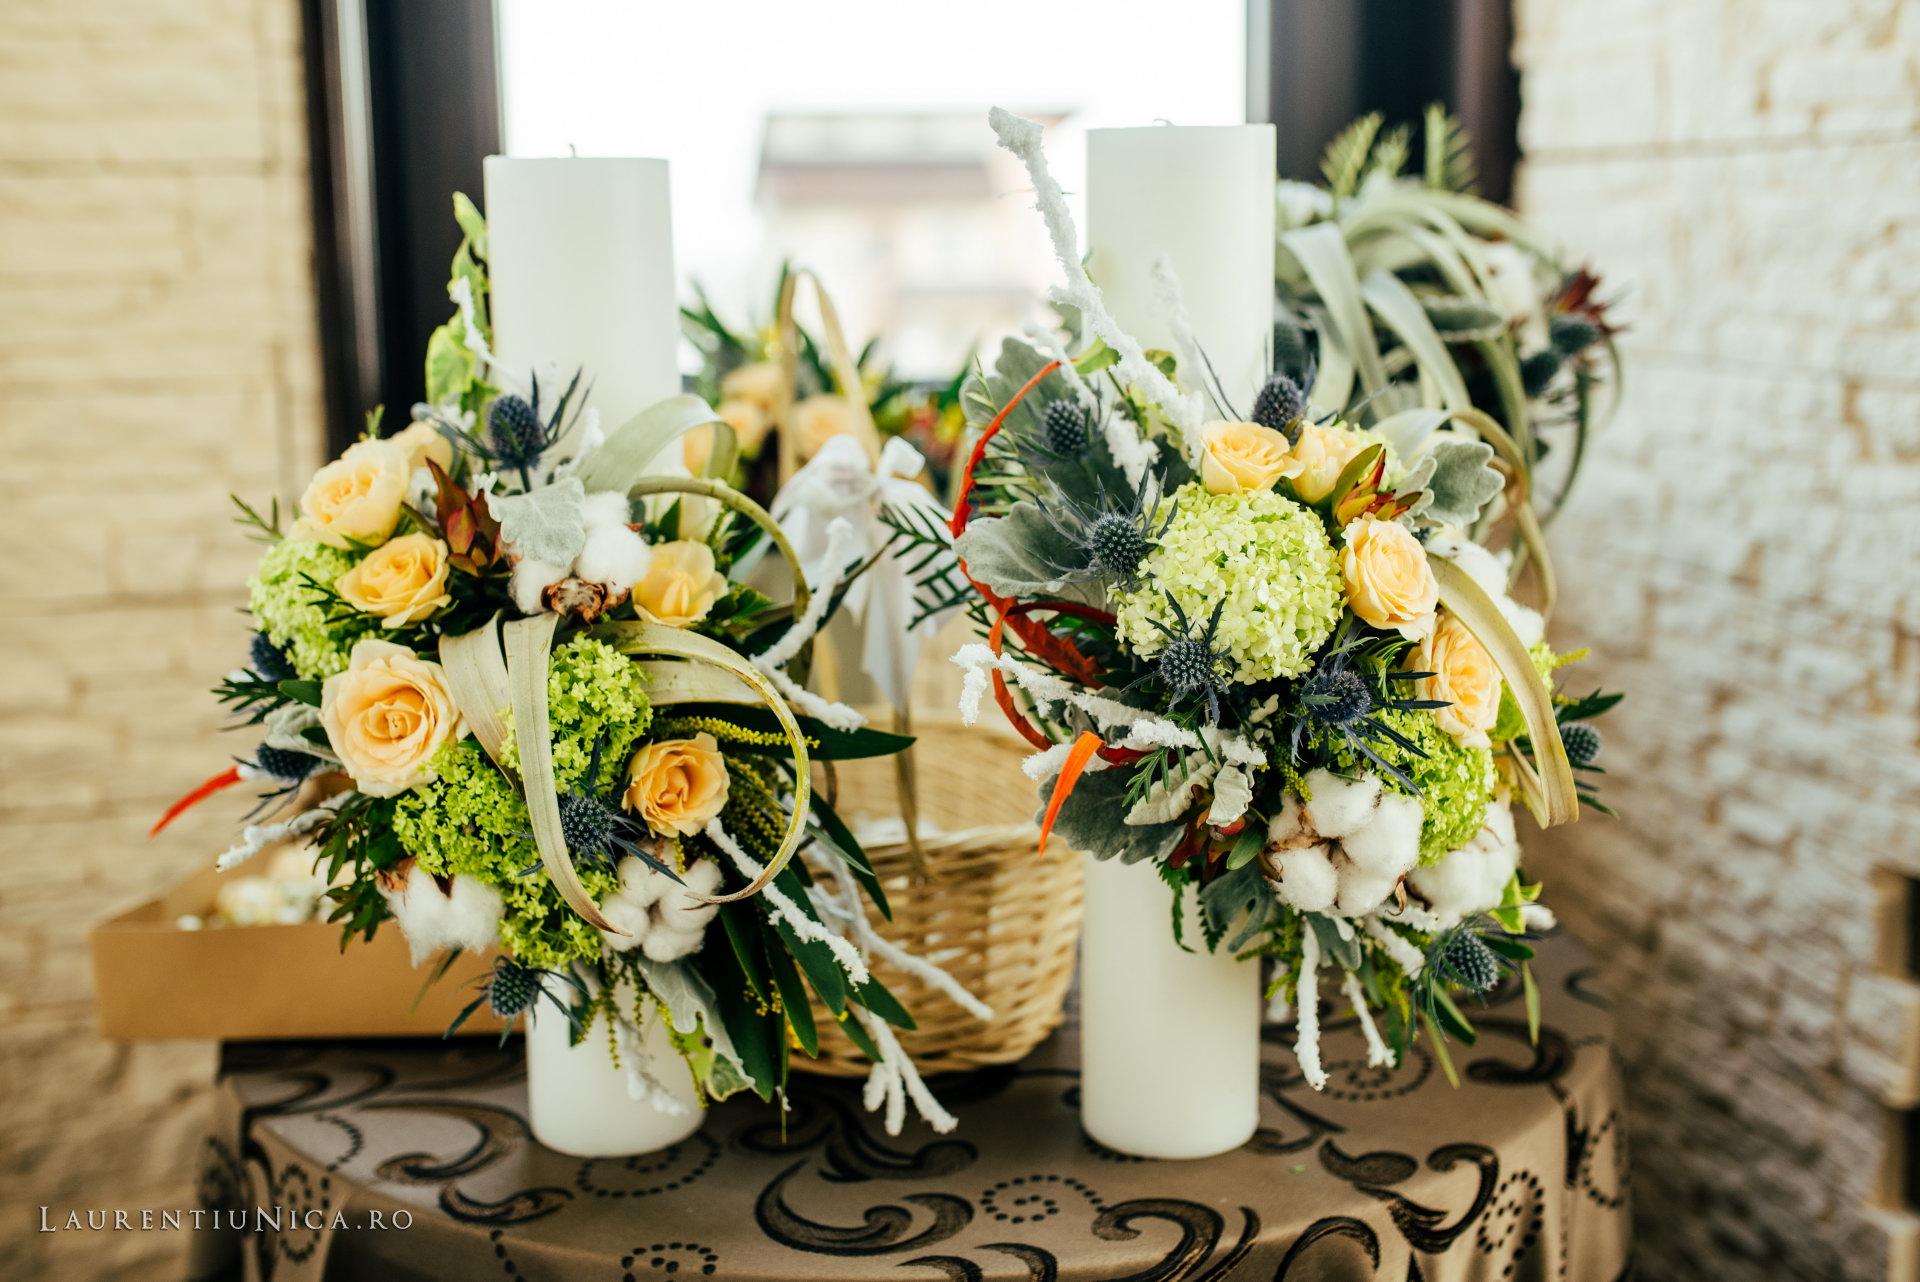 daniela si marius fotografii nunta craiova laurentiu nica01 - Daniela & Marius | Fotografii nunta